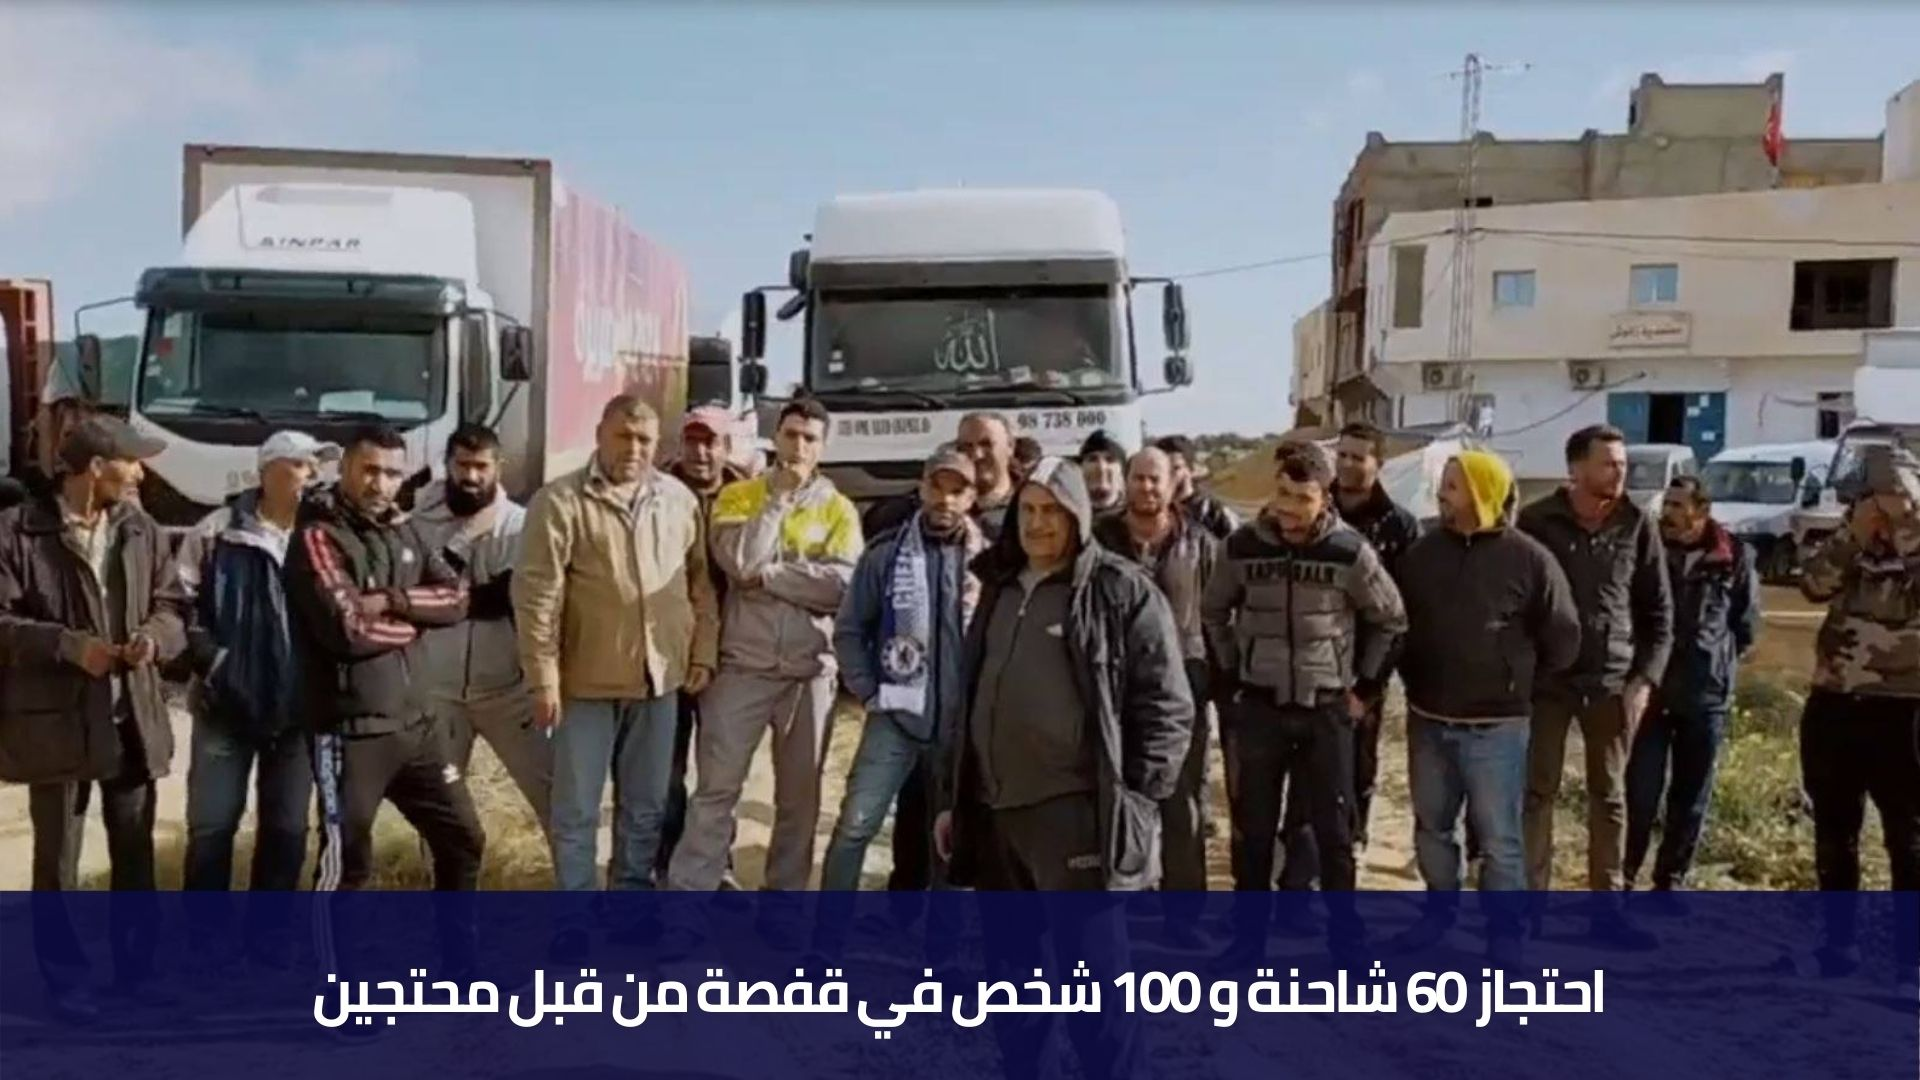 احتجاز 60 شاحنة و 100 شخص في قفصة من قبل محتجين